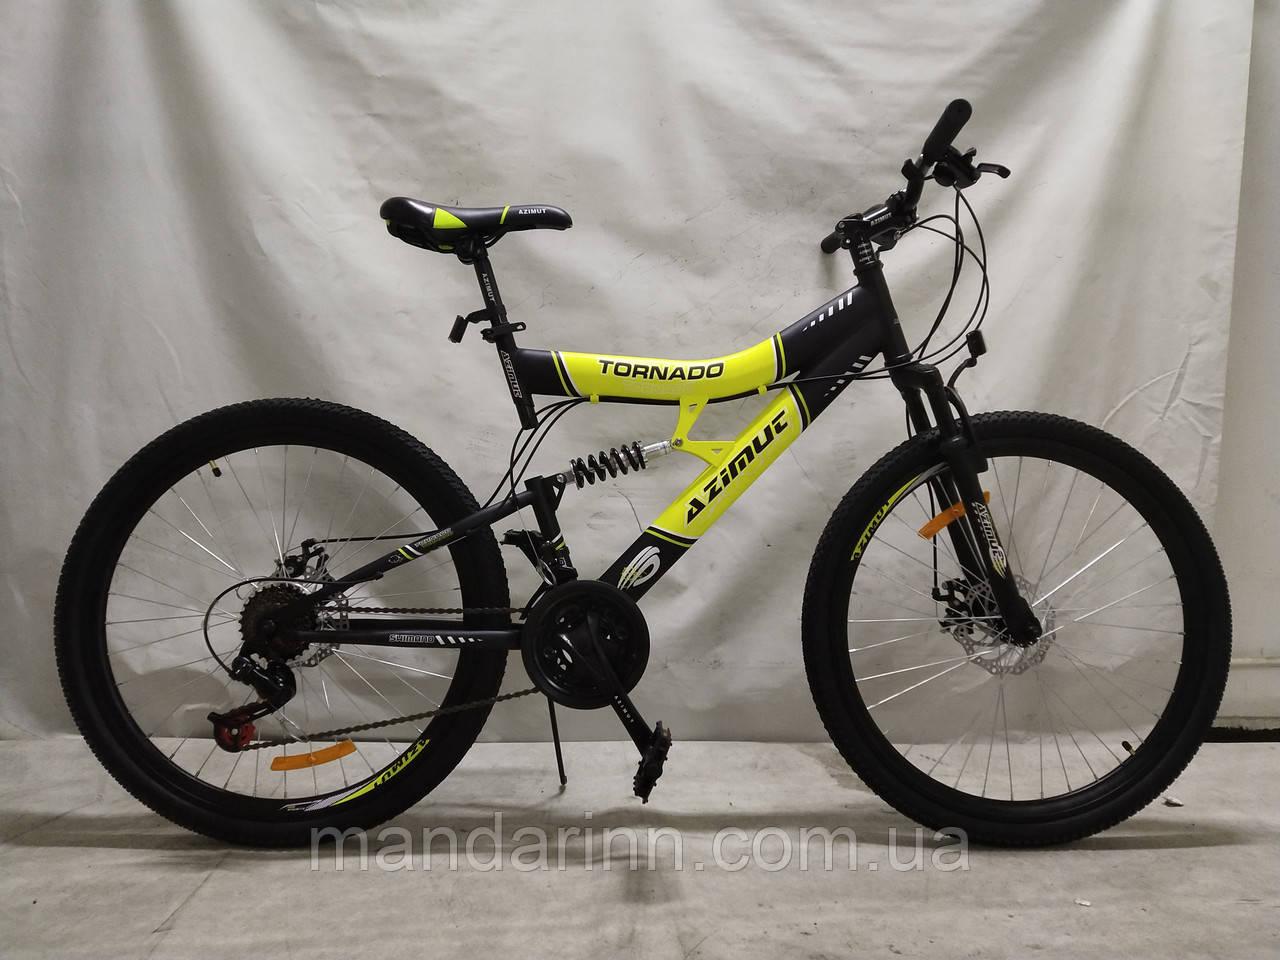 Гірський велосипед Azimut Tornado 24 дюйма. Дискові гальма. SHIMANO.